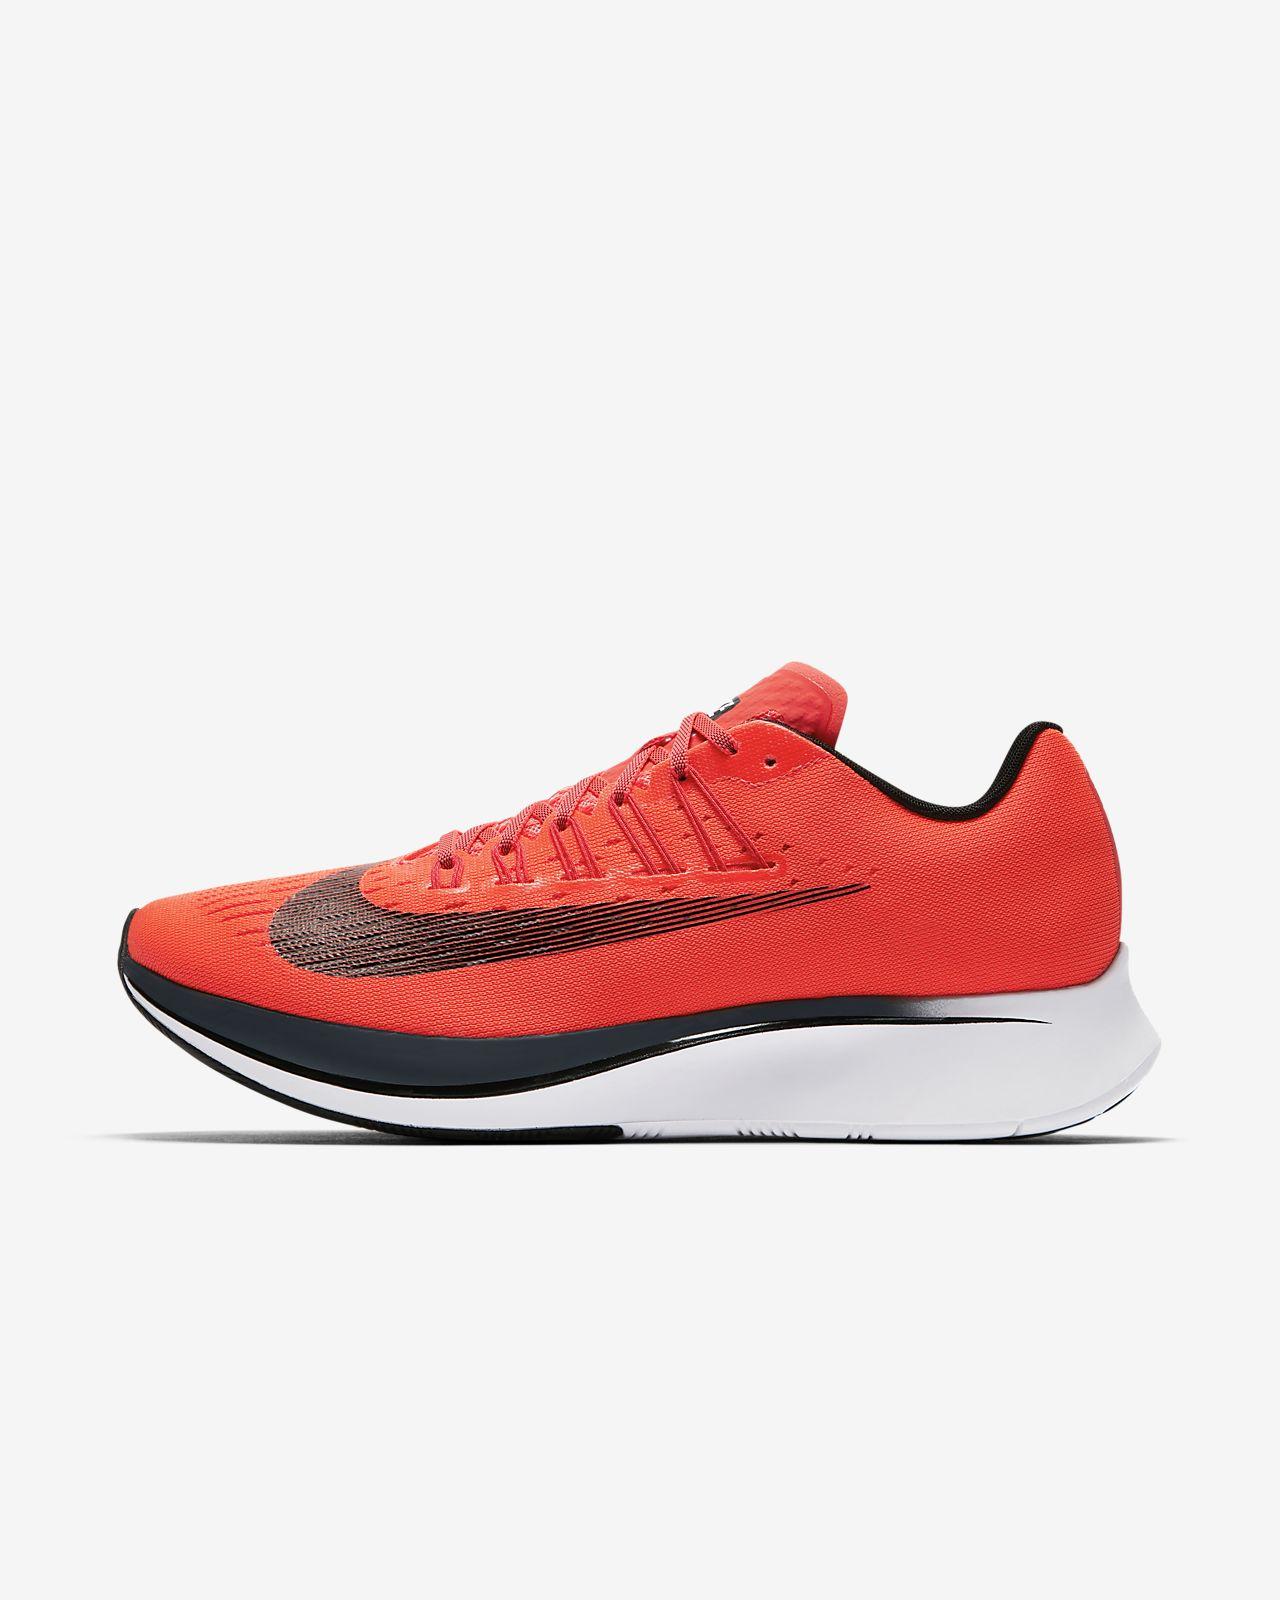 99d4fd14e3109a Nike Zoom Fly Herren-Laufschuh. Nike.com CH